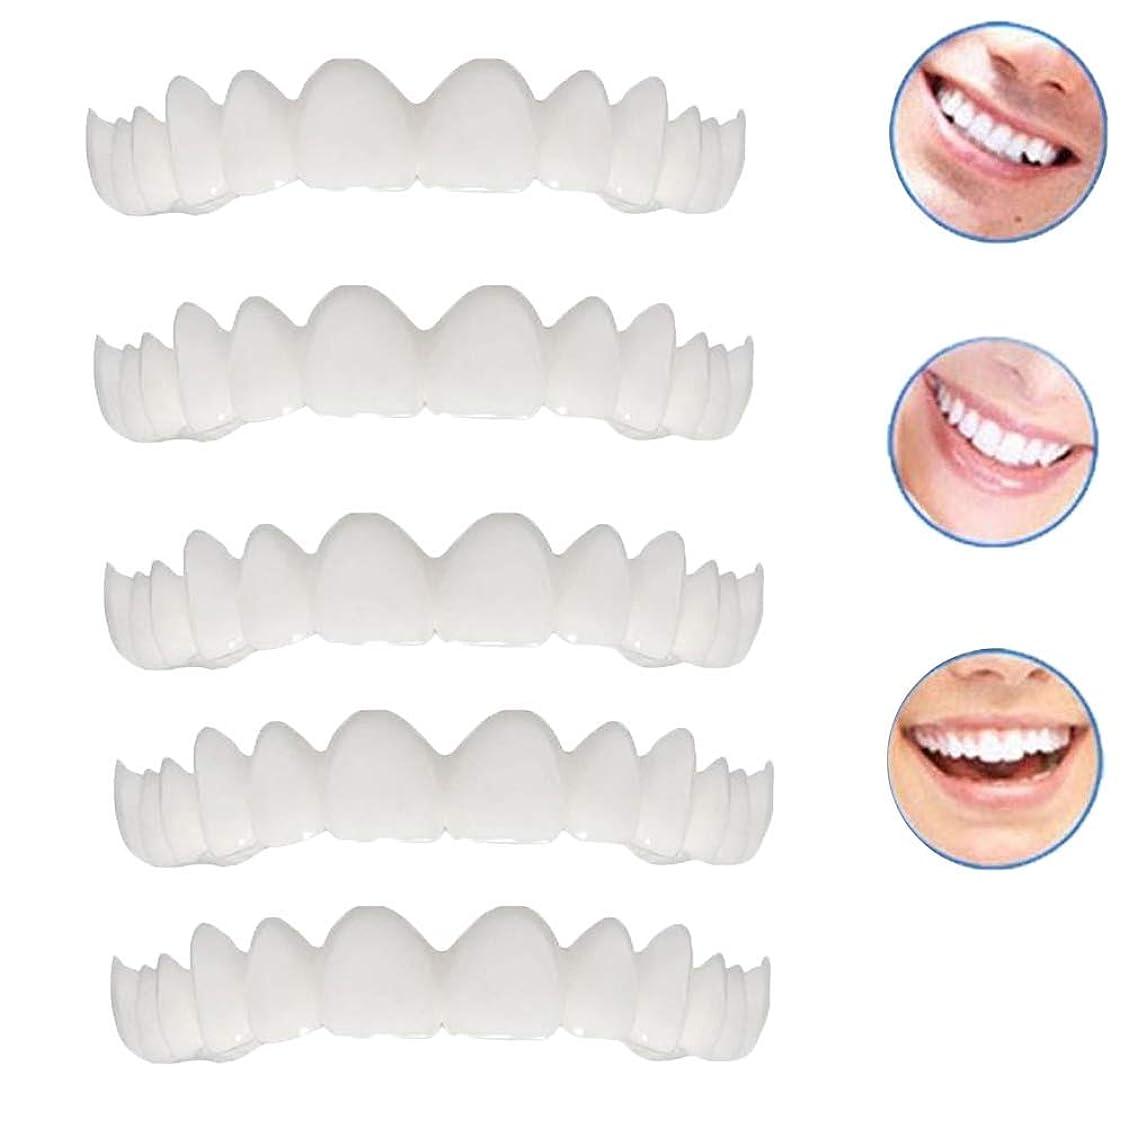 フルーツ野菜名目上の免疫2本の偽のベニヤ修正歯のトップホワイトニング化粧品義歯修正のための悪い歯のための新しいプロの笑顔のベニヤ